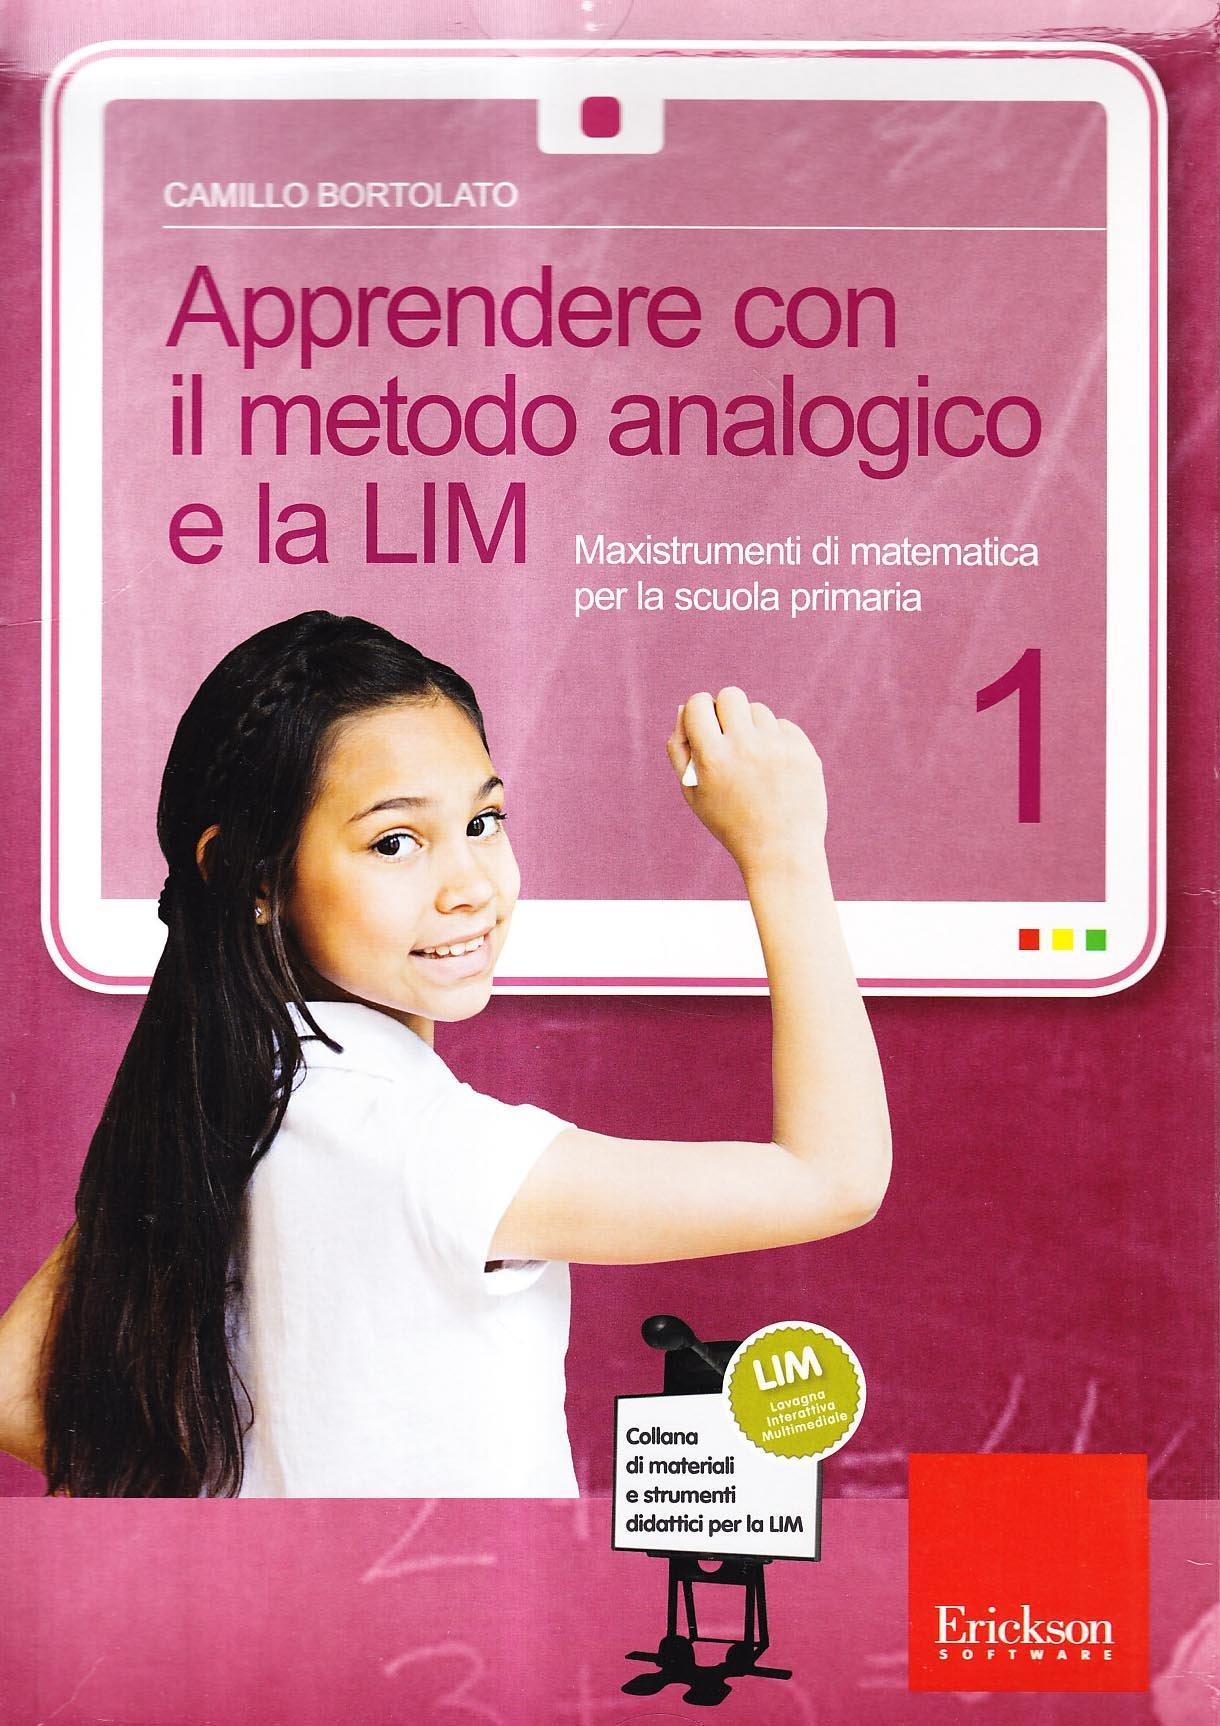 Image result for bortolato matematica LIM